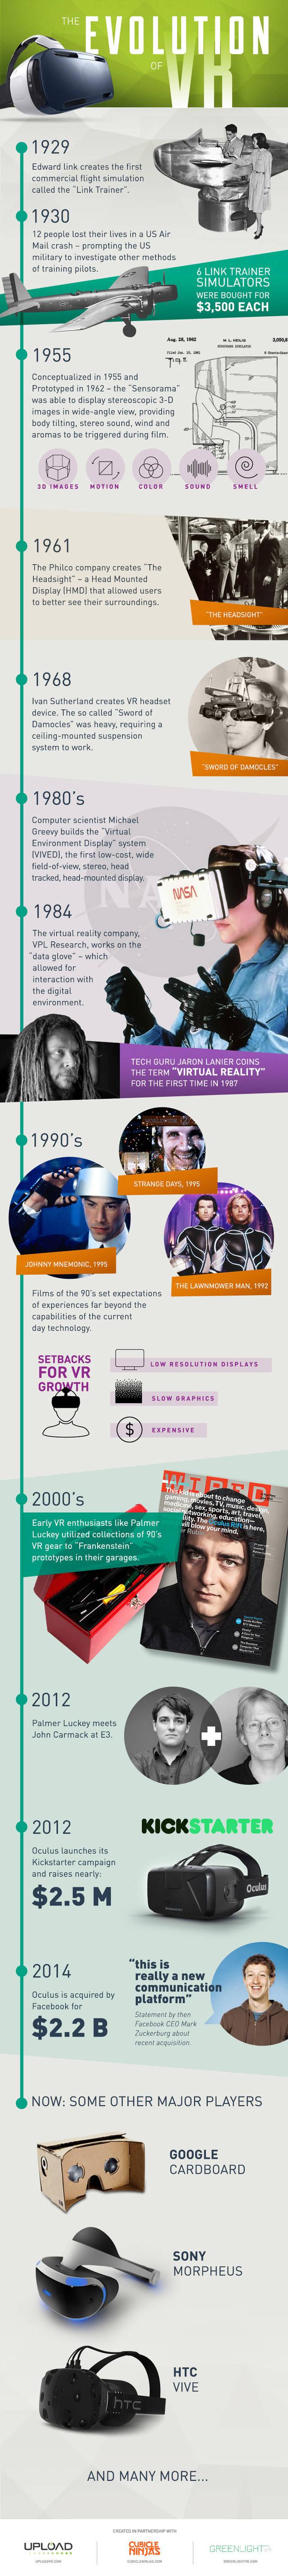 History of vr uploadvr cubicle ninjas greenlight vr